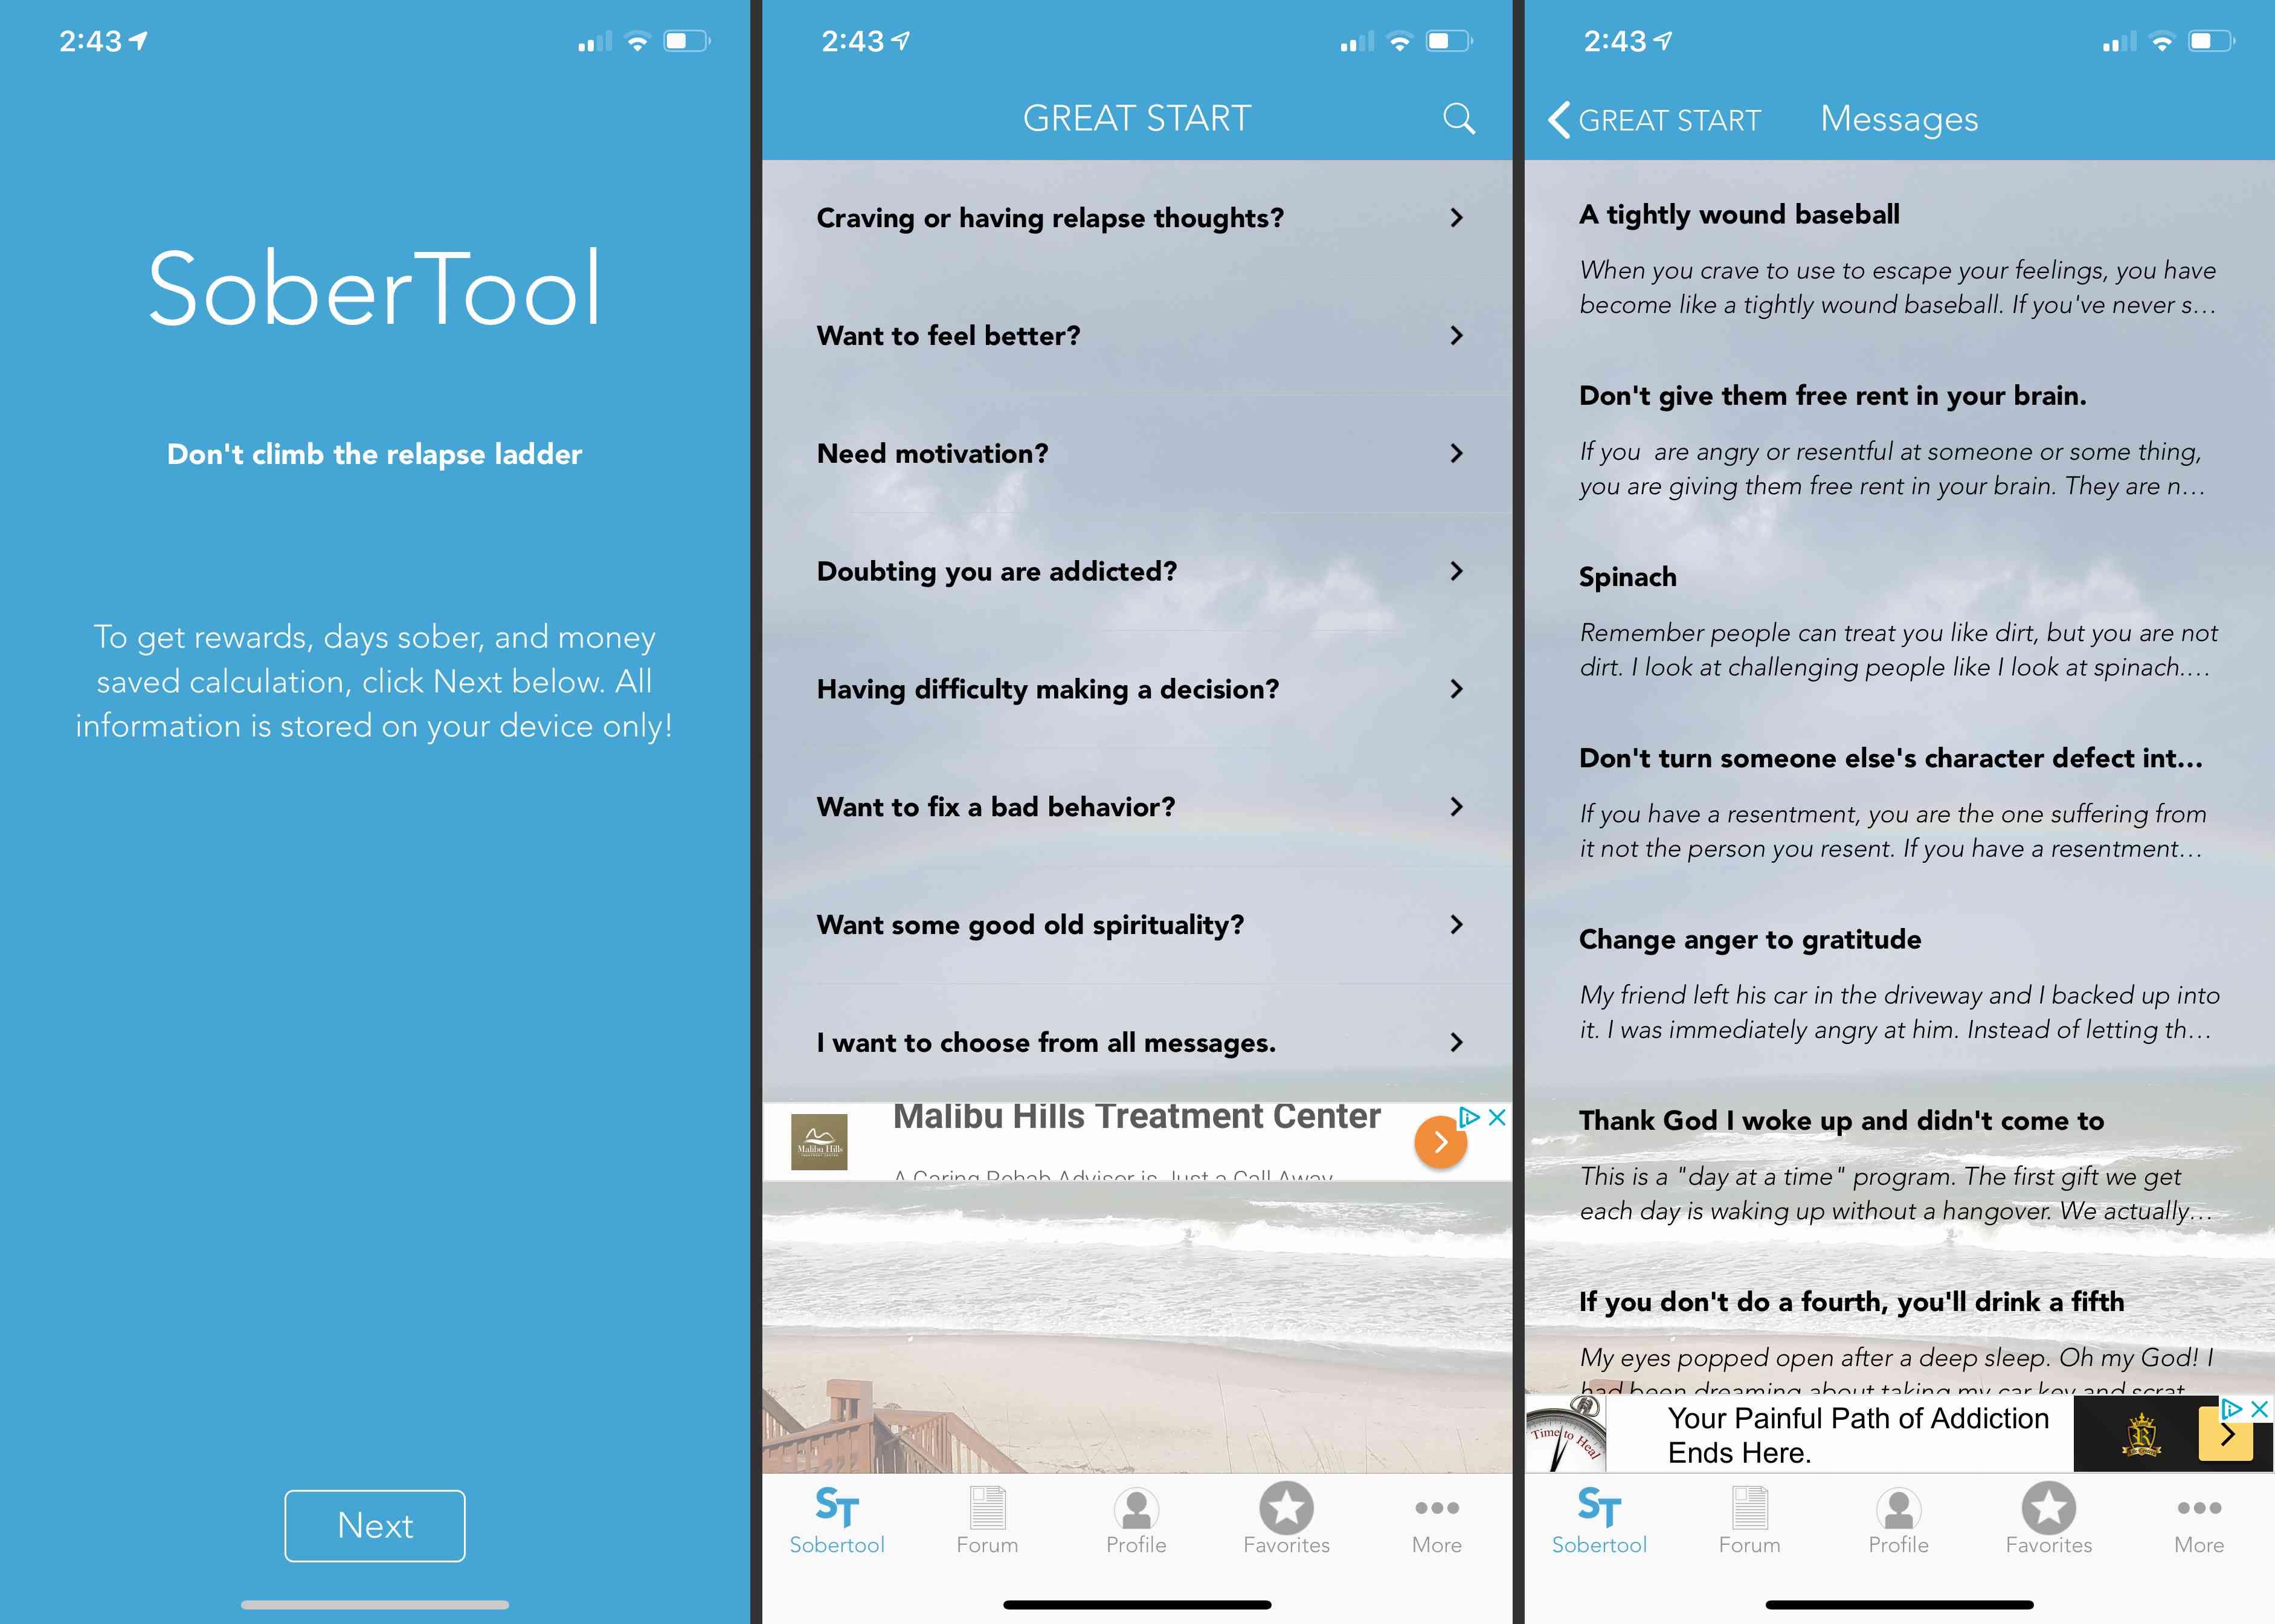 SoberTool app